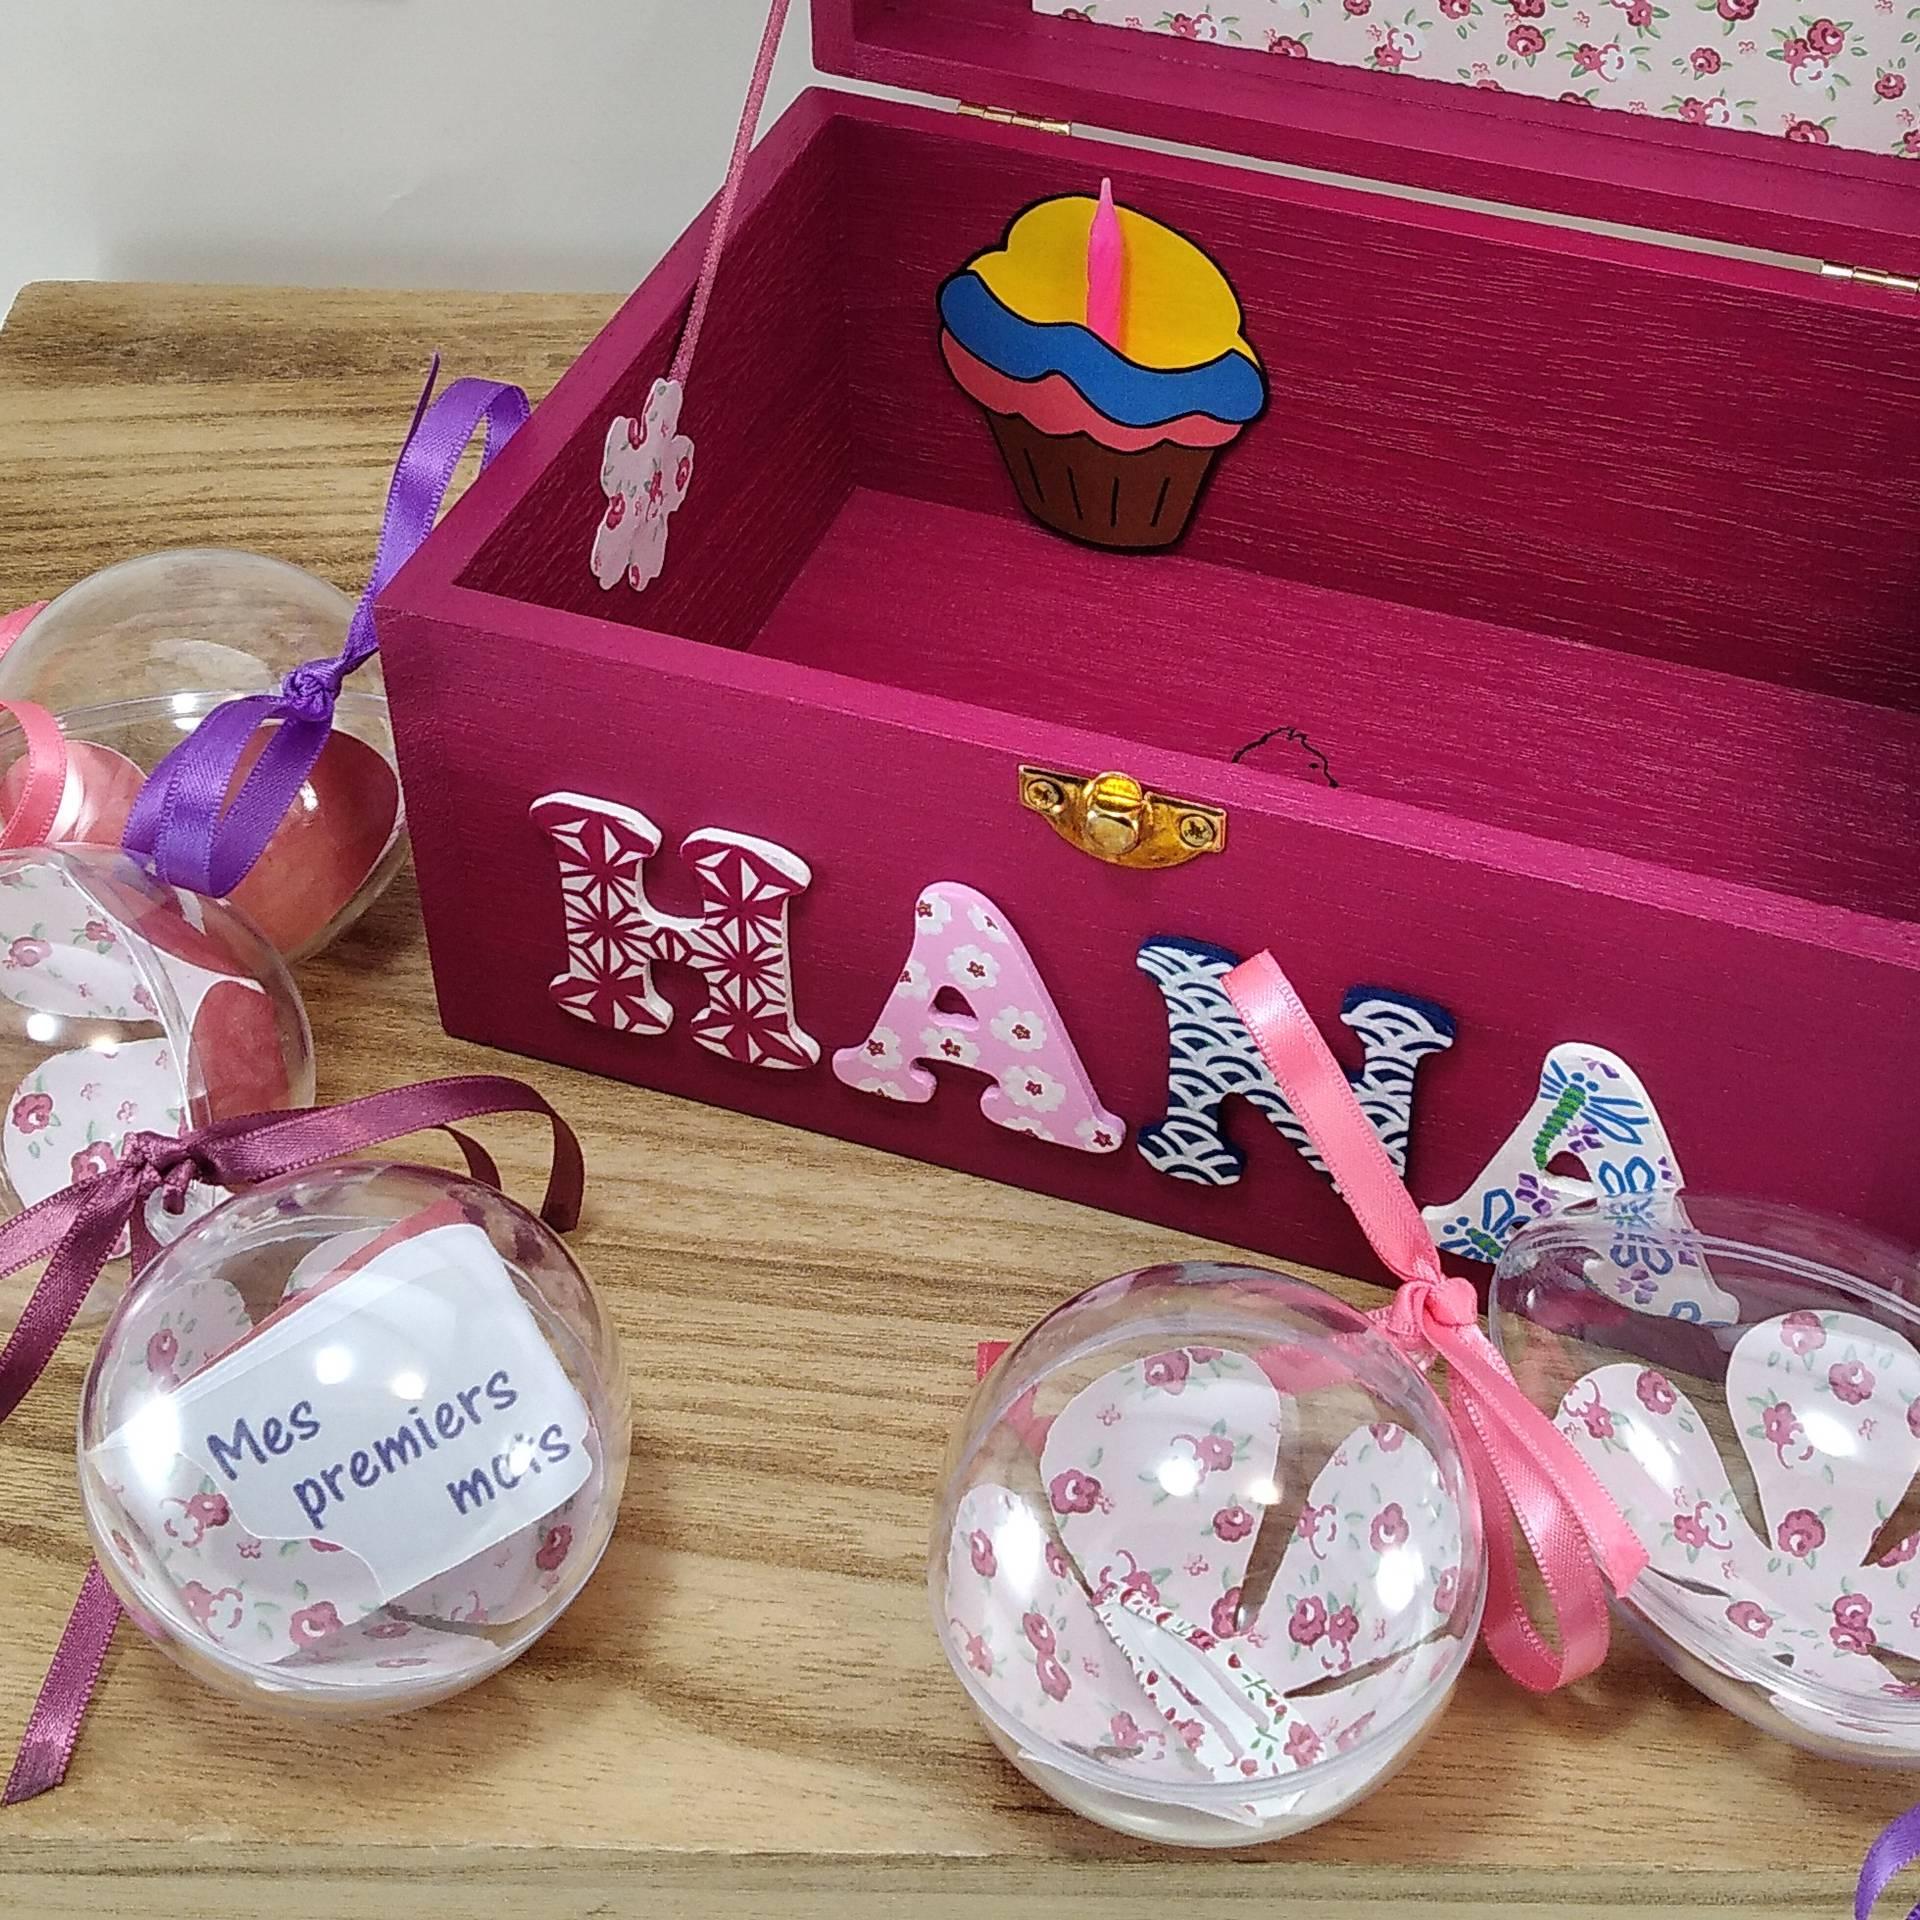 Coffret fuchsia Hana, intérieur avec pochette cupcake, pochette dans le couvercle et boules